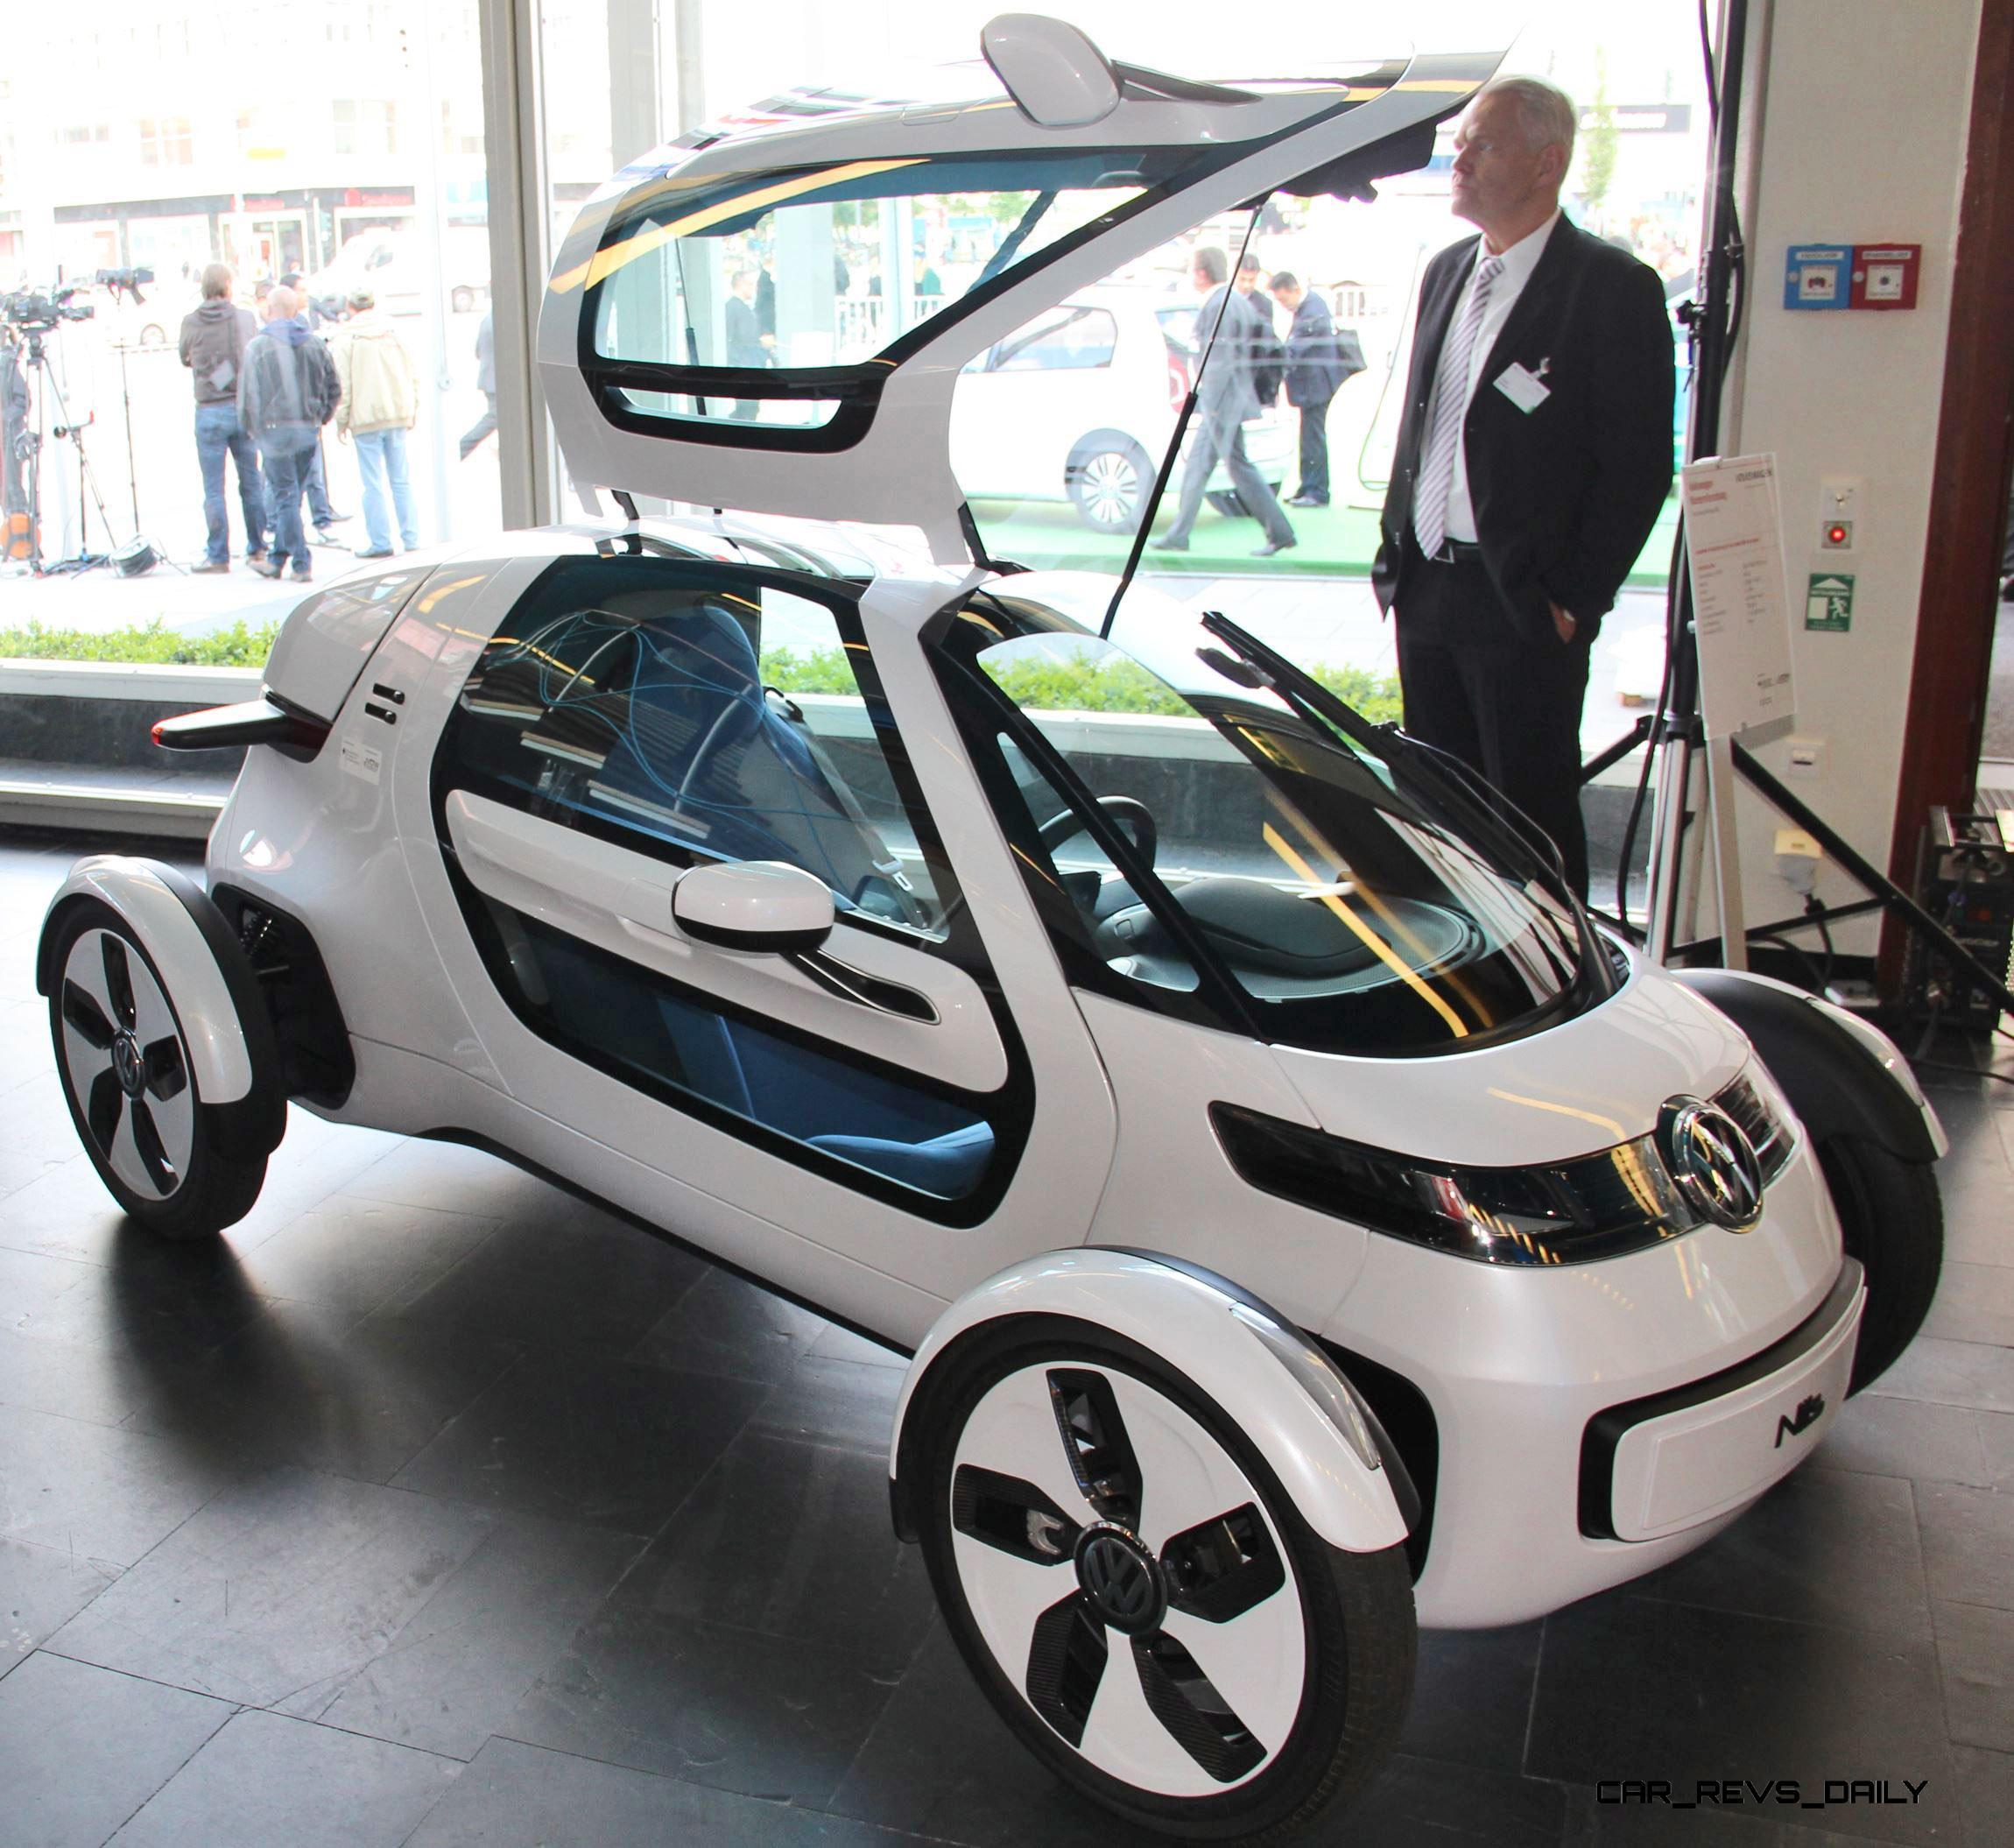 2011 Volkswagen NILS